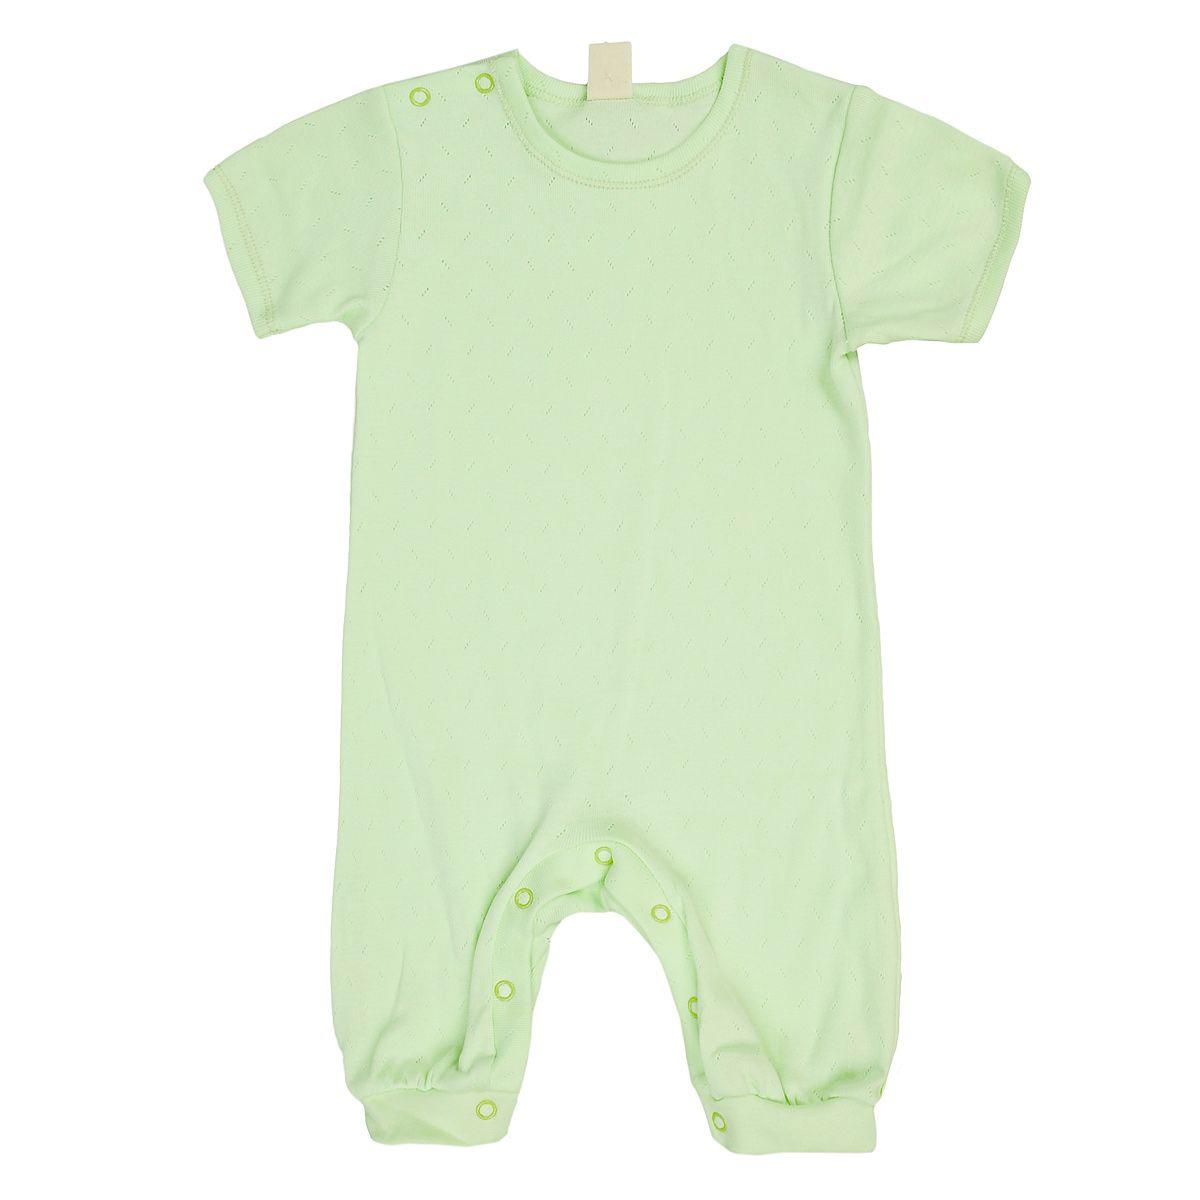 Фото - Песочник Lucky Child Ажур зеленый 74-80 футболка lucky child ажур белая 74 80